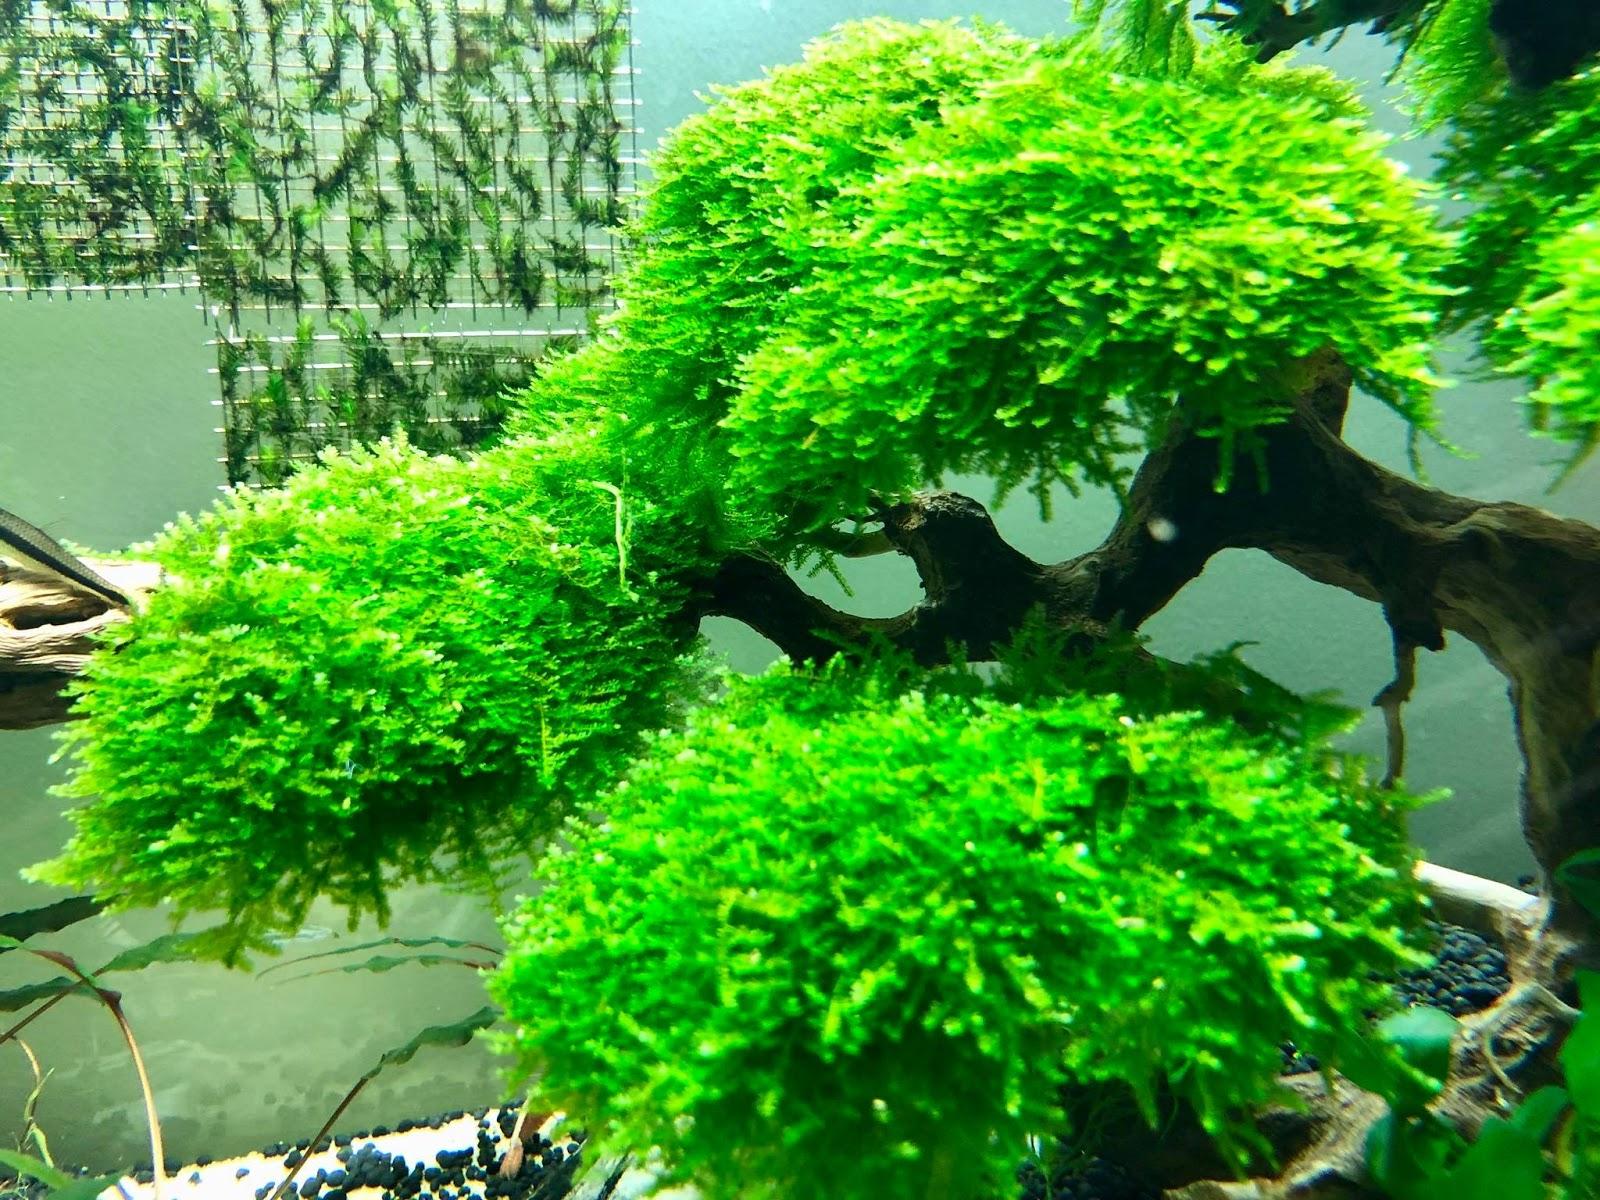 Cận cảnh rêu mini taiwan tuyệt đẹp trong hồ thủy sinh của bạn Bình Bình